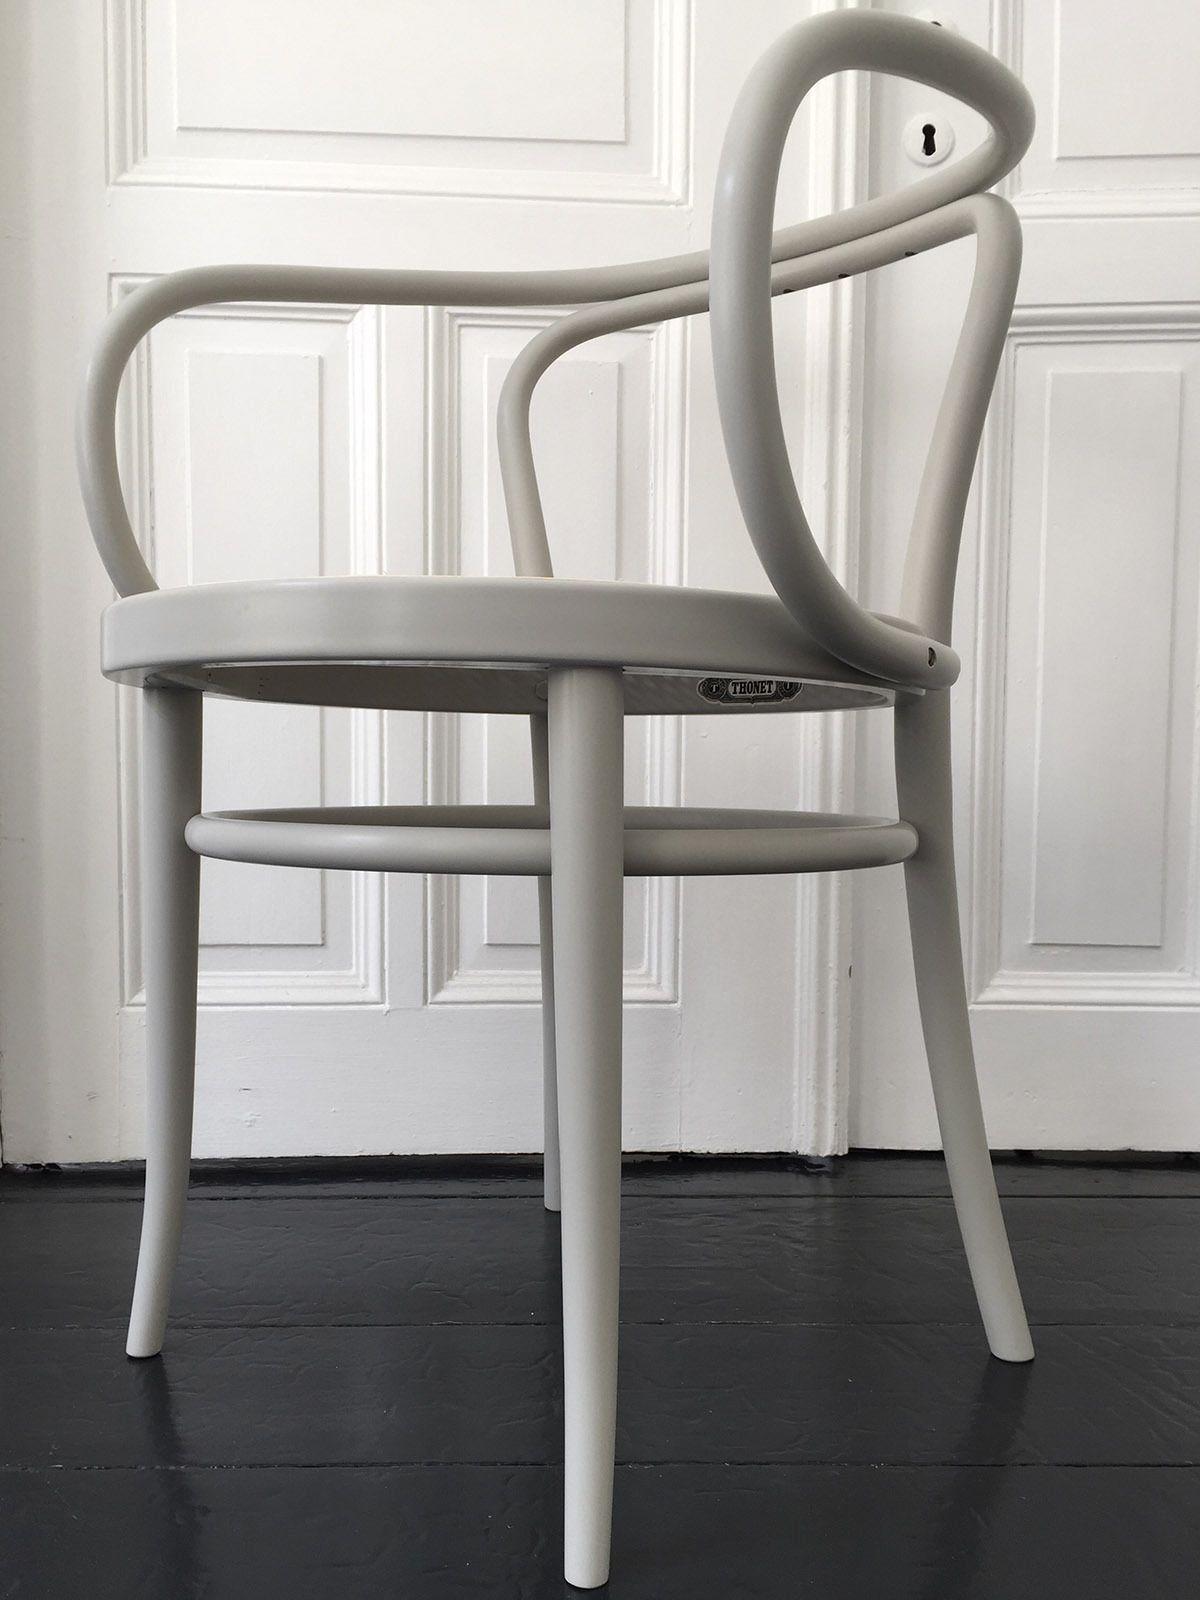 Thonet 209 Bugholzklassiker Haus Innenarchitektur Stuhl Design Bauhaus Mobel